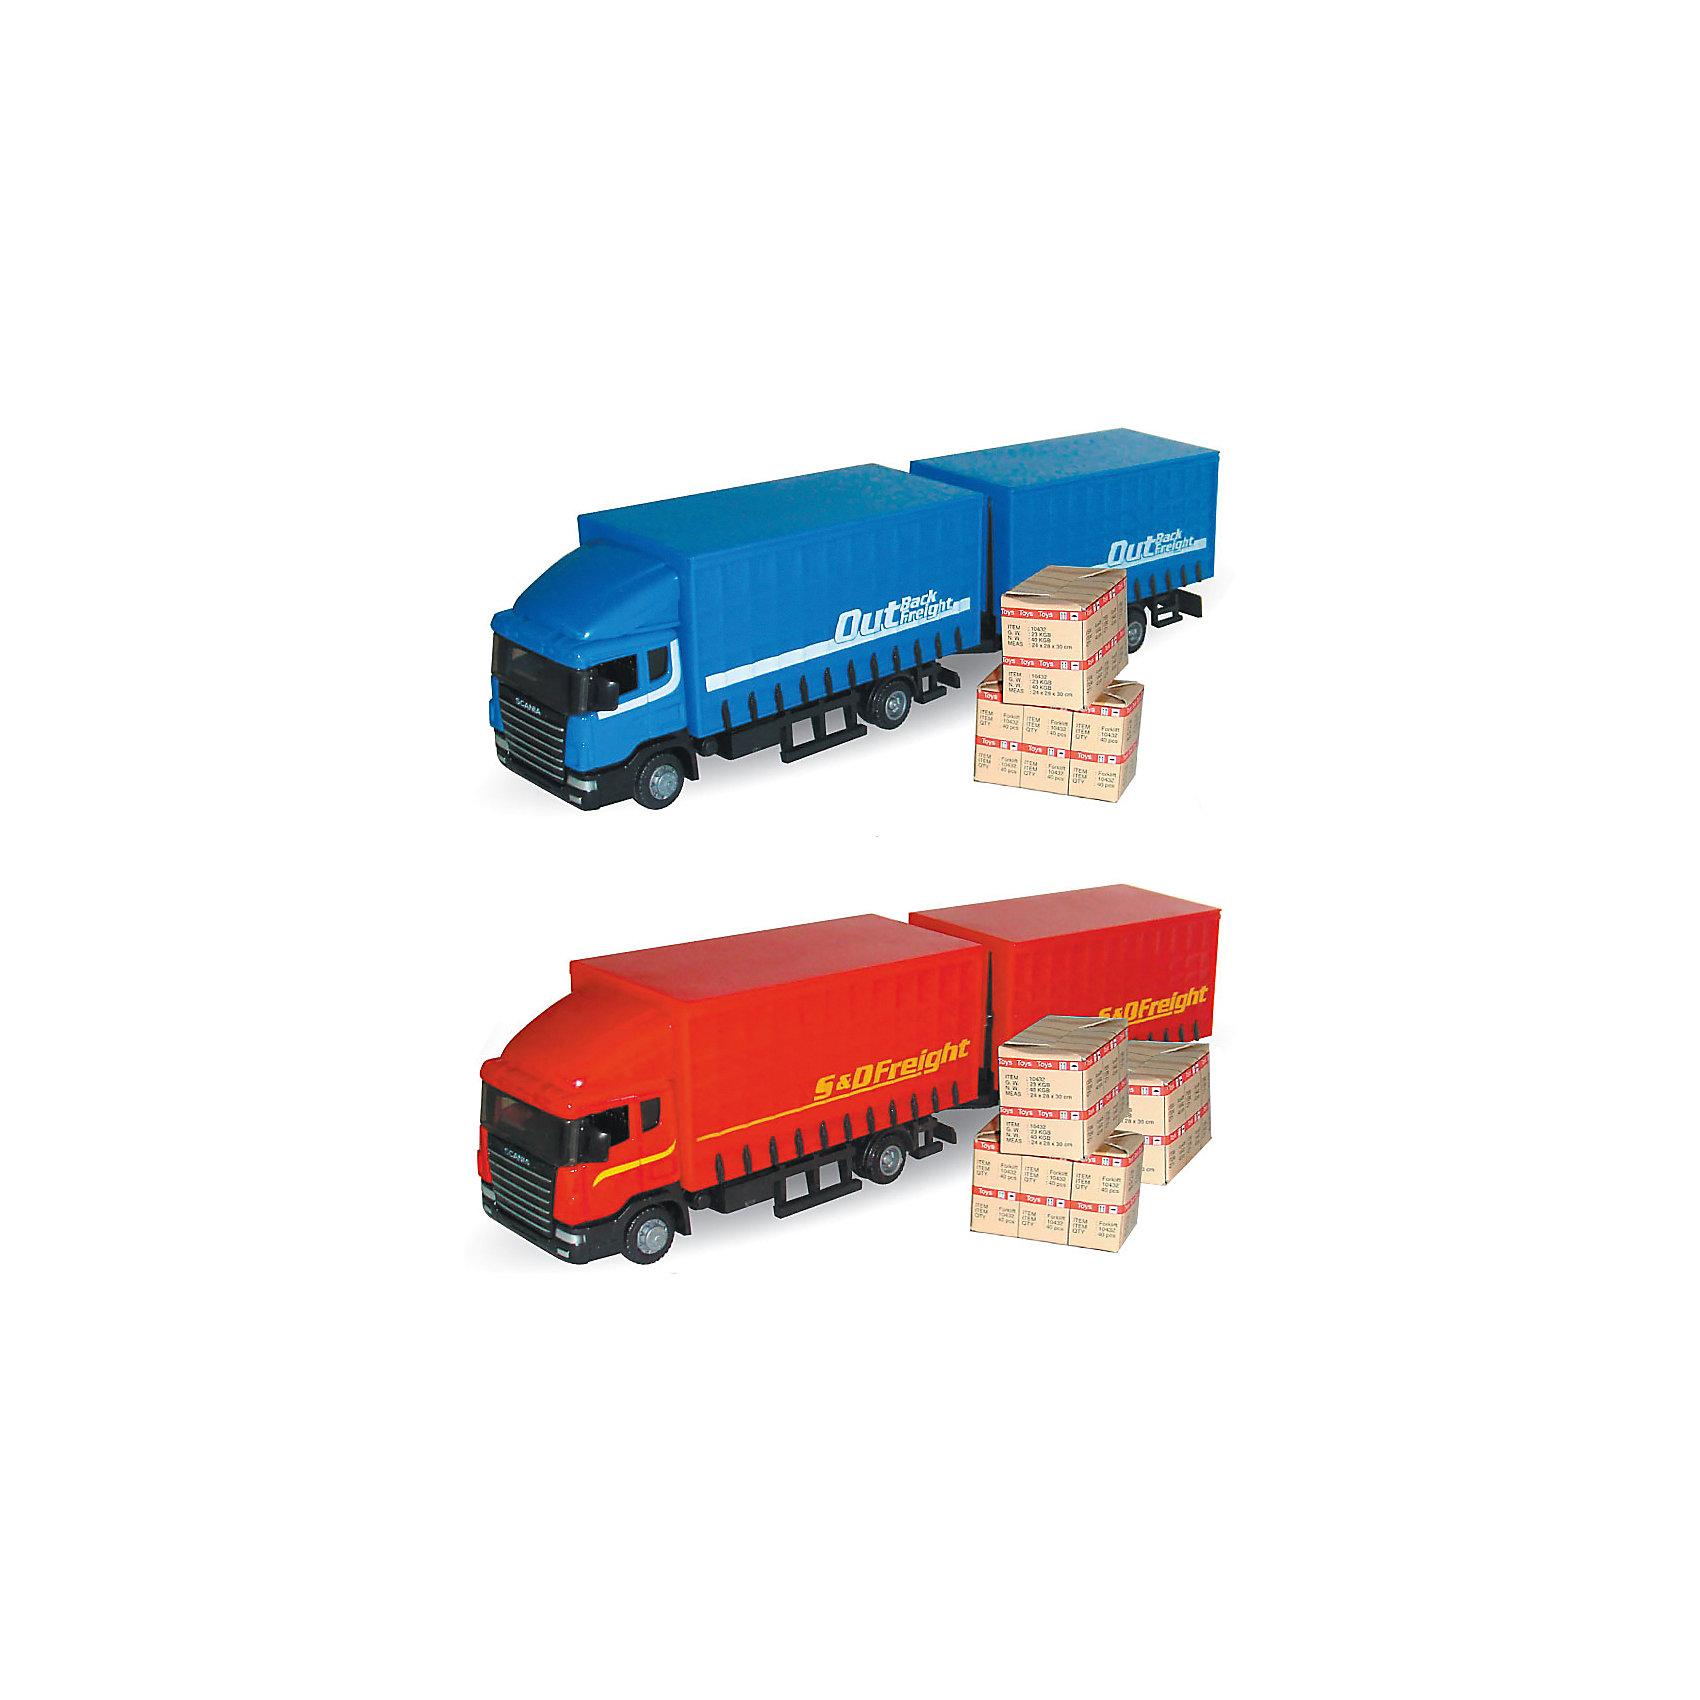 Машинка Scania автопоезд  1:48, AutotimeМашинки<br>Характеристики товара:<br><br>• цвет: красный<br>• возраст: от 3 лет<br>• материал: металл, пластик<br>• масштаб: 1:48<br>• инерционный механизм<br>• колеса вращаются<br>• размер упаковки: 45х6х11 см<br>• вес с упаковкой: 300 г<br>• страна бренда: Россия, Китай<br>• страна изготовитель: Китай<br><br>Такая машинка представляет собой миниатюрную копию грузовой машины с прицепом. Она отличается высокой детализацией, является коллекционной моделью. <br><br>Сделана машинка из прочного и безопасного материала. Корпус - из металла и пластика. <br><br>Машинку «Scania автопоезд 1:48», Autotime (Автотайм) можно купить в нашем интернет-магазине.<br><br>Ширина мм: 362<br>Глубина мм: 114<br>Высота мм: 146<br>Вес г: 15<br>Возраст от месяцев: 36<br>Возраст до месяцев: 2147483647<br>Пол: Мужской<br>Возраст: Детский<br>SKU: 5584138